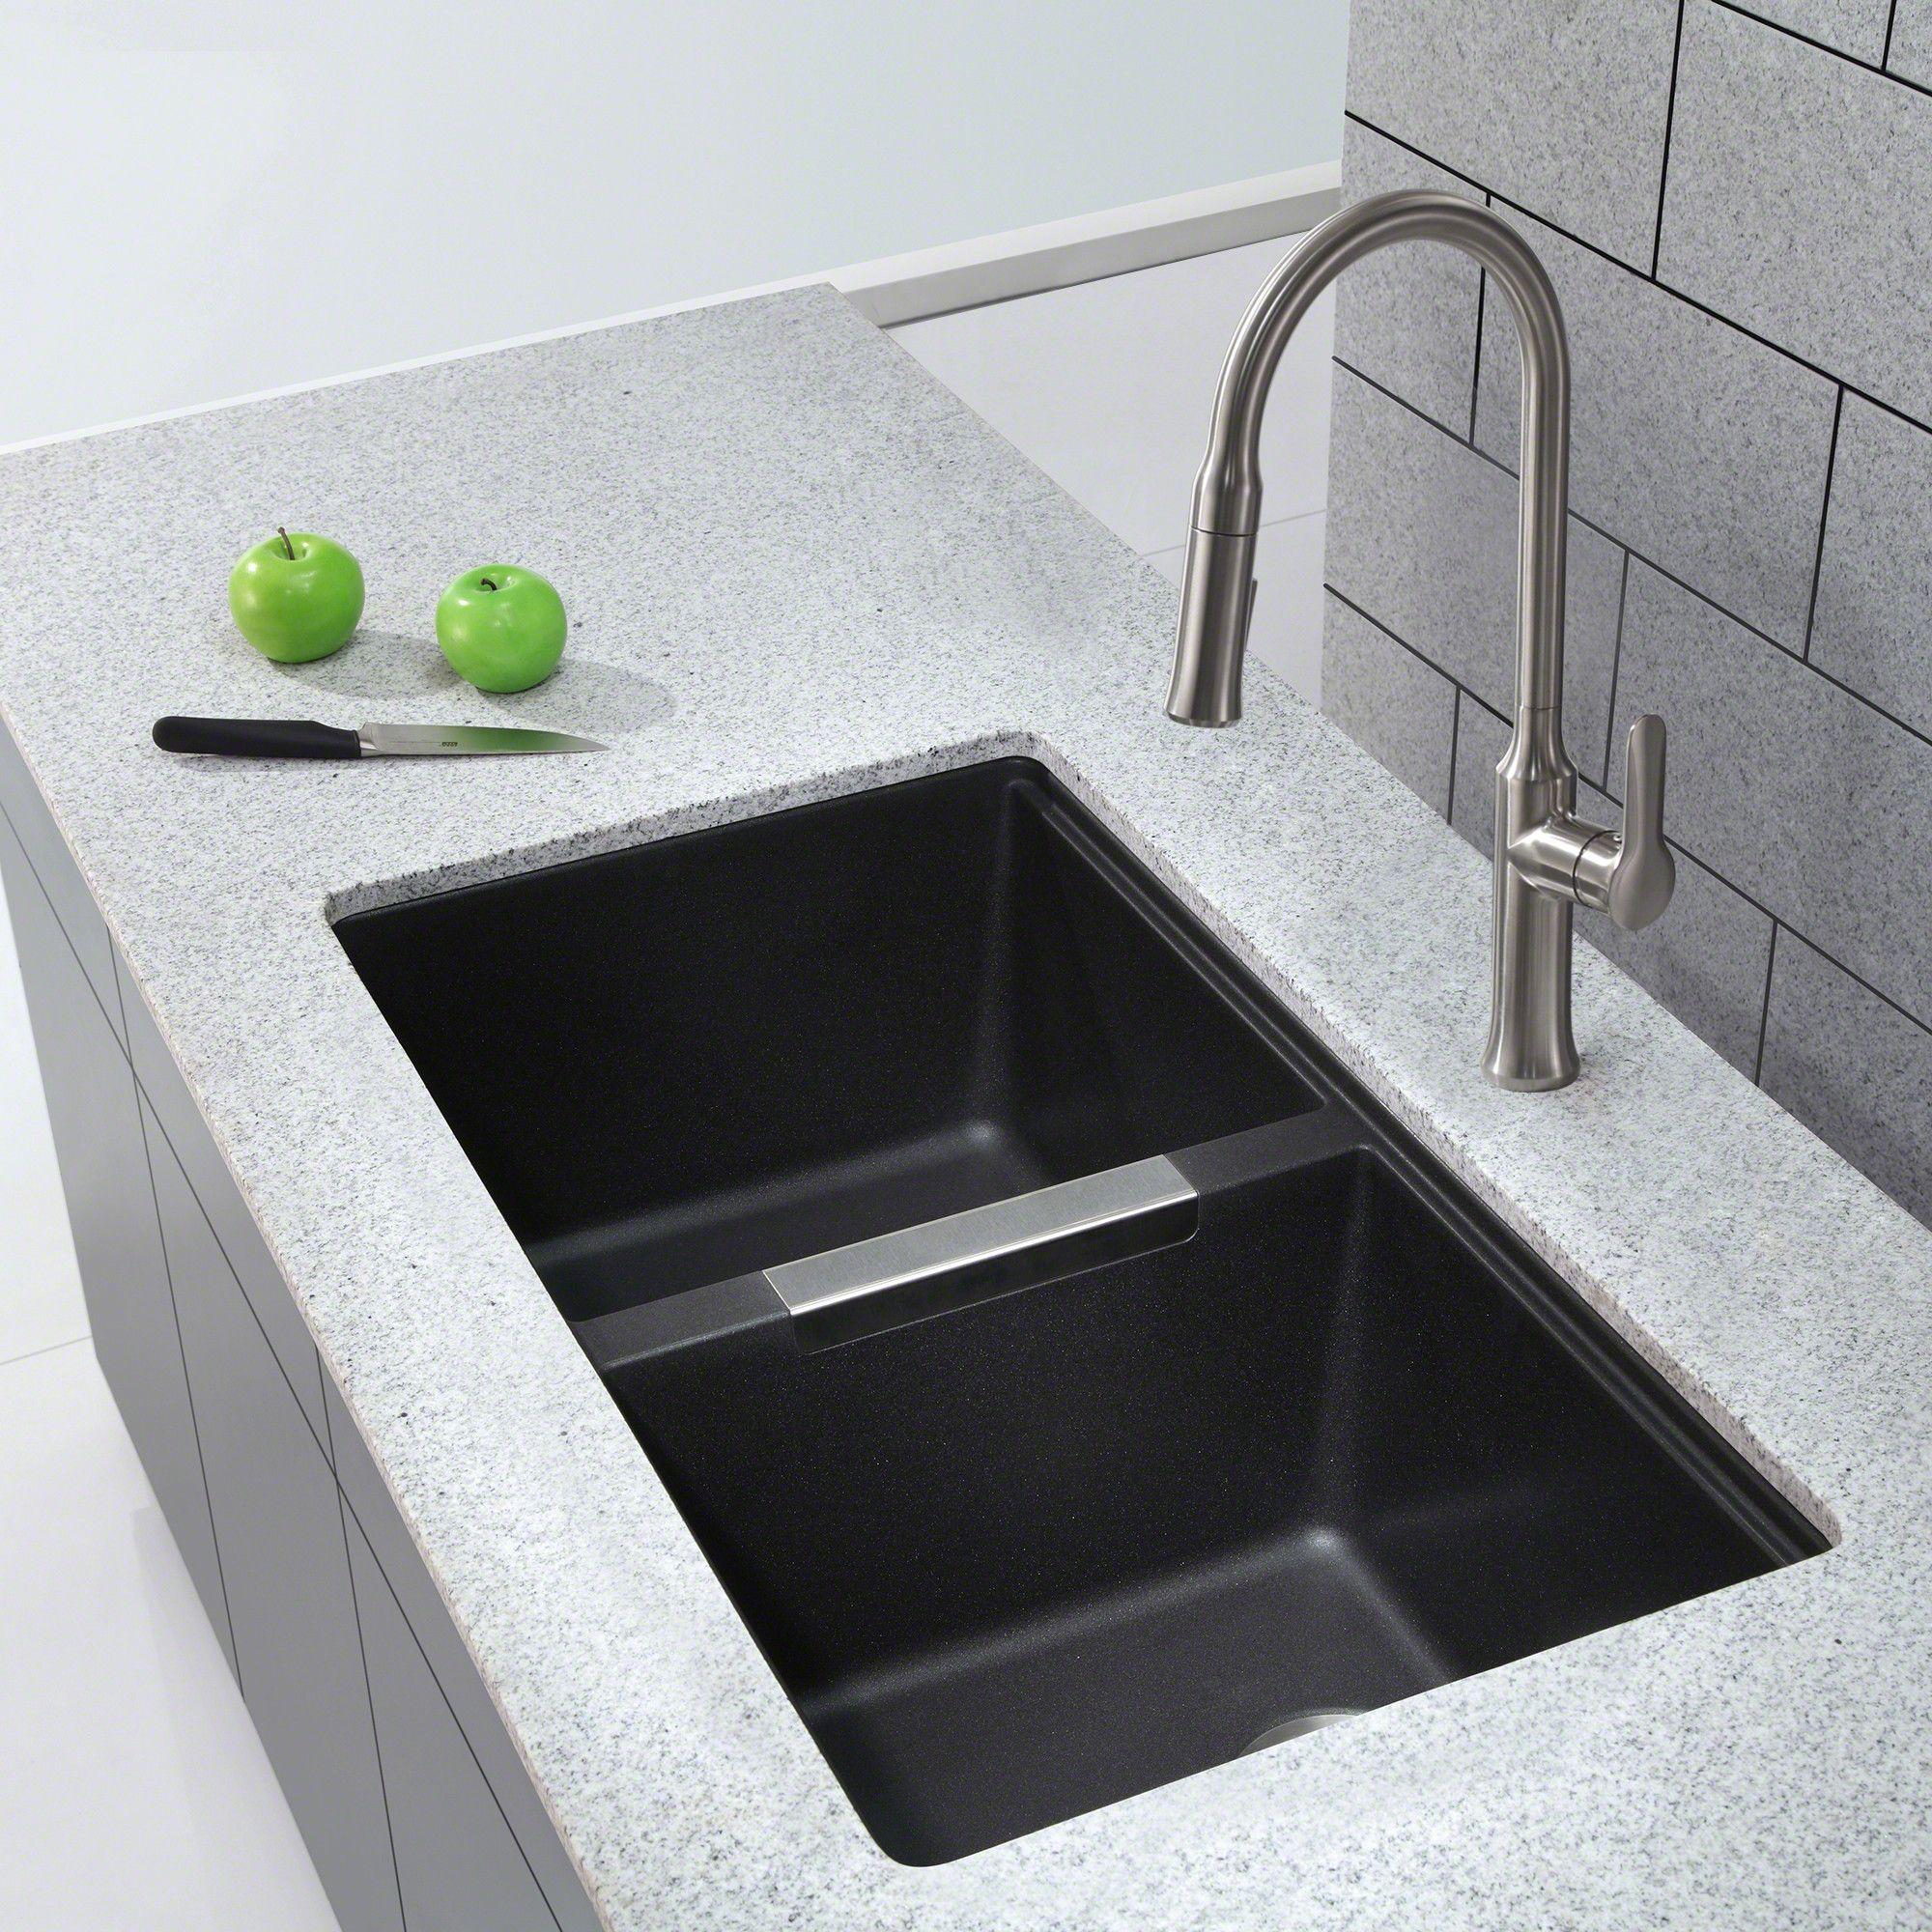 Full Size of Küche Waschbecken Edelstahl Küche Waschbecken Anschließen Küche Waschbecken Porzellan Küche Waschbecken Abfluss Undicht Küche Küche Waschbecken